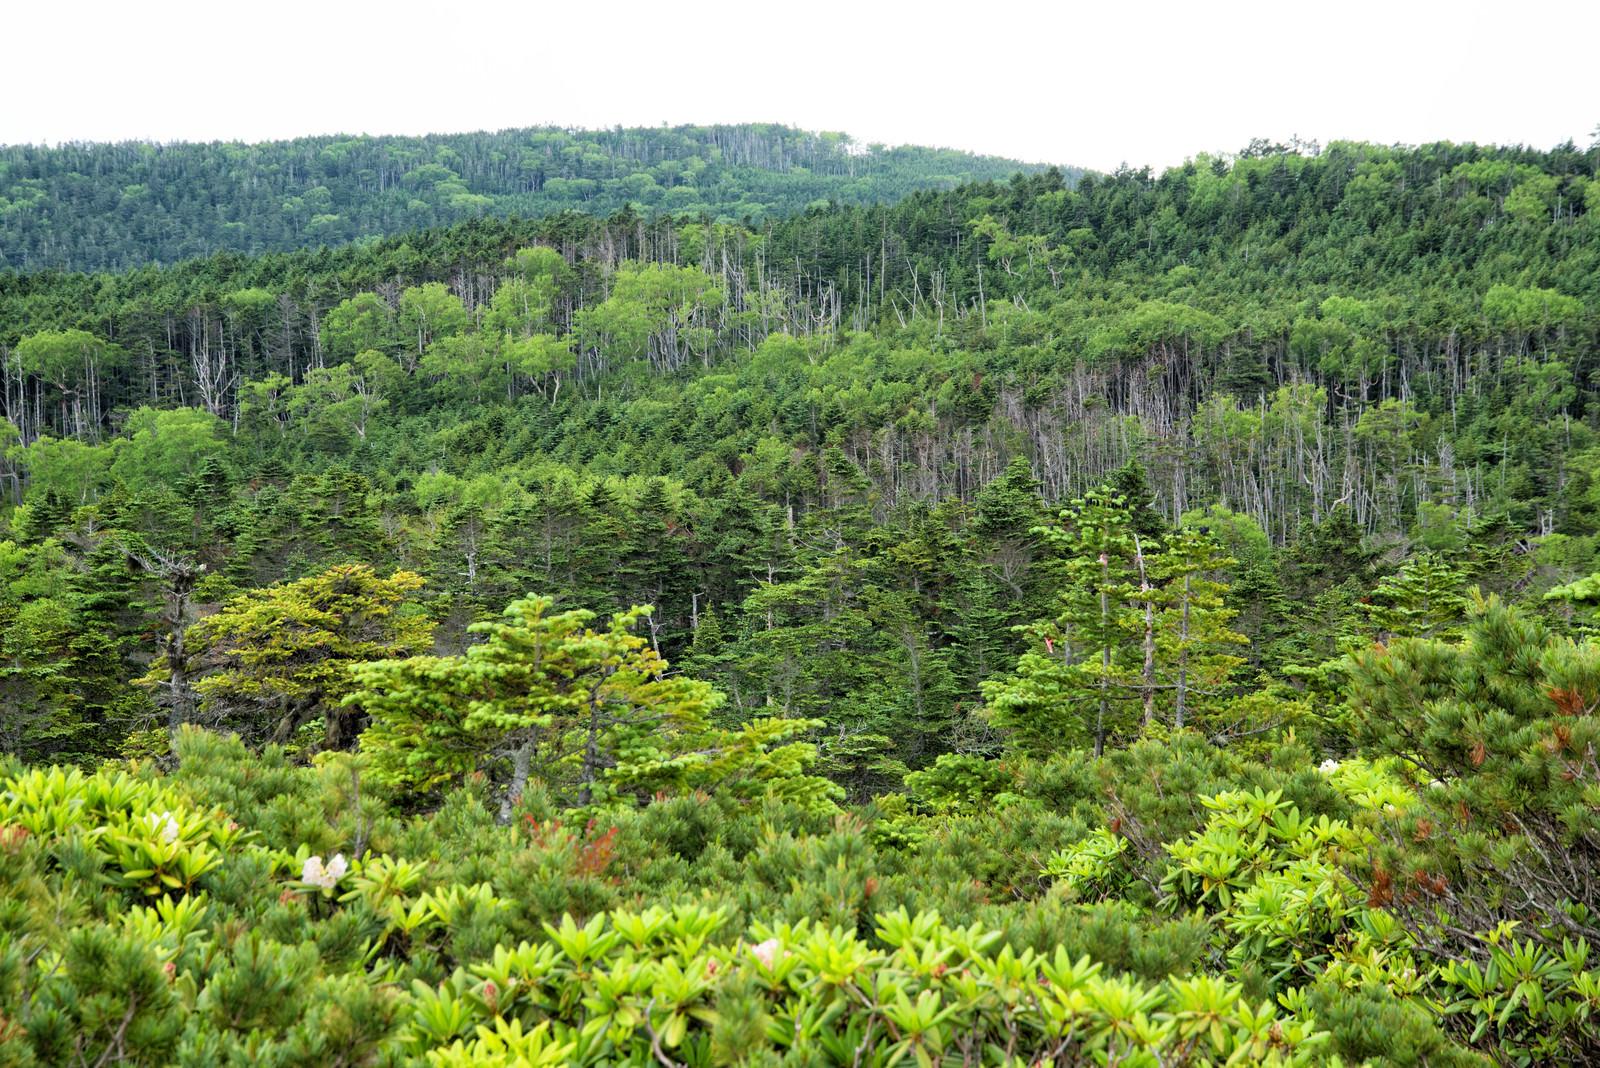 「どこまでも続く北八ヶ岳の森(八ヶ岳連峰)」の写真